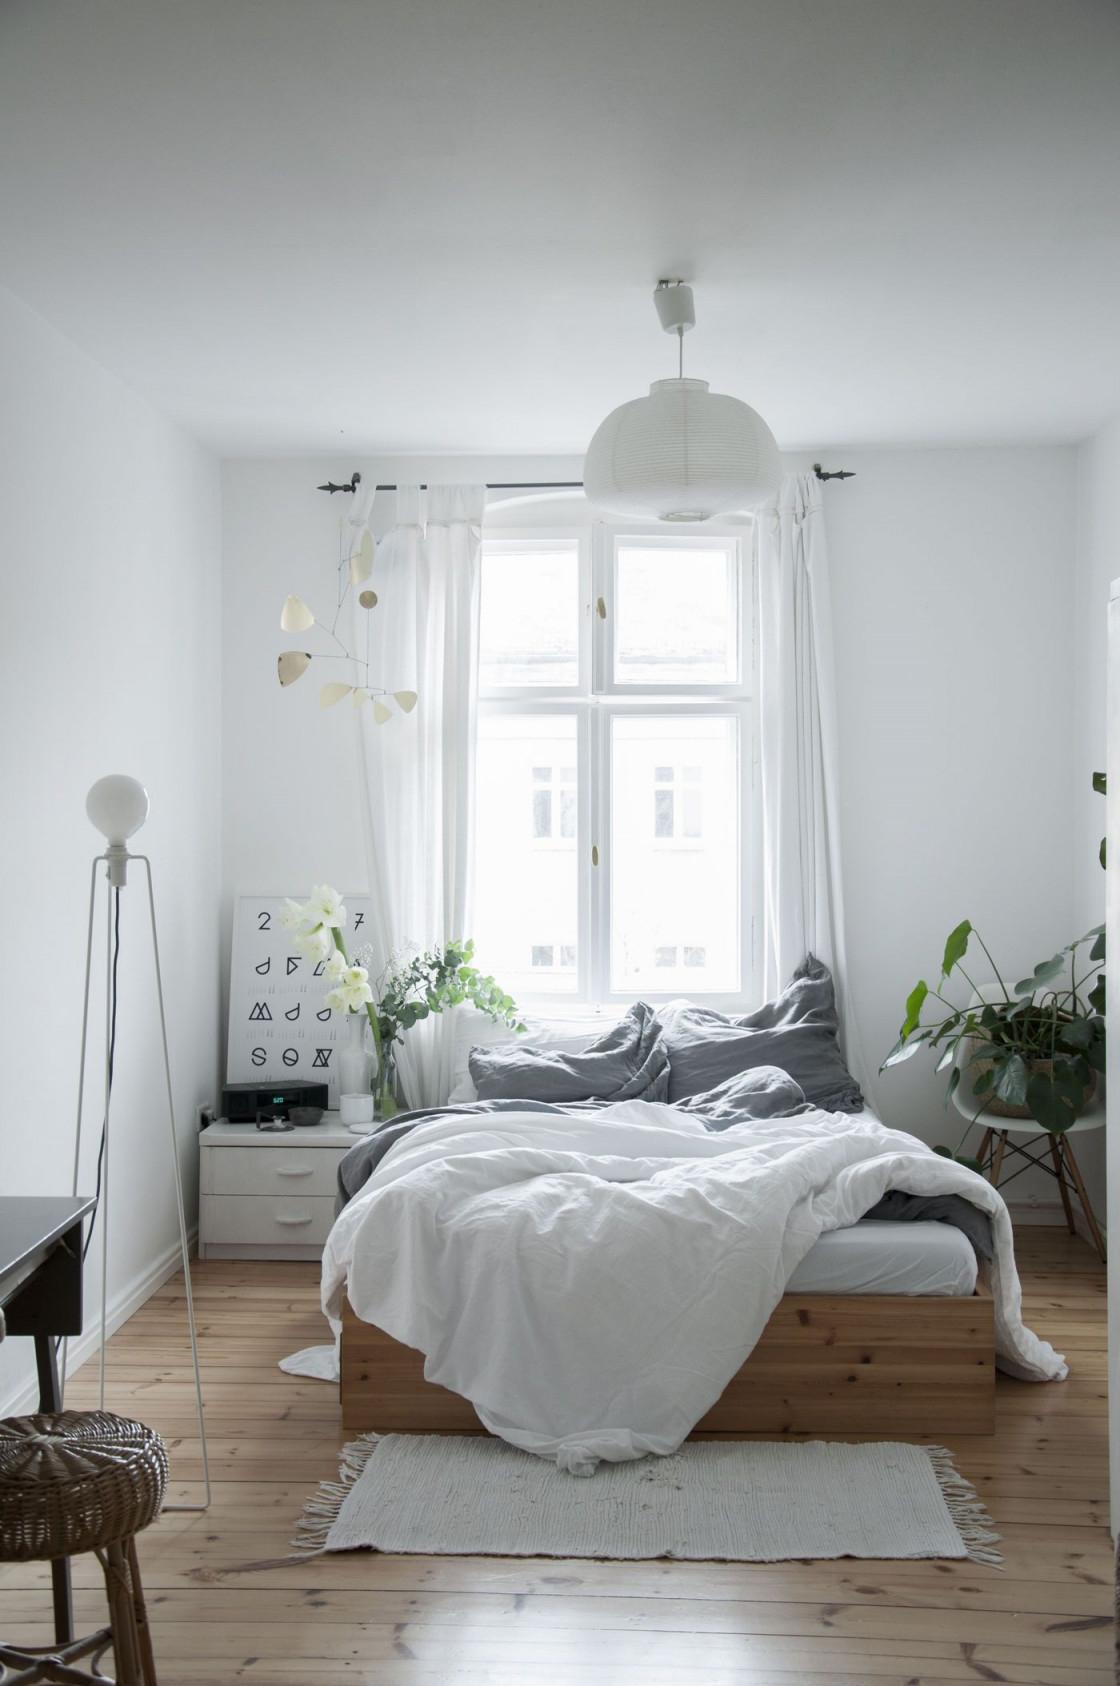 Klein Aber Fein Die Besten Ideen Für Kleine Räume von Wohnzimmer Ideen Kleine Räume Photo